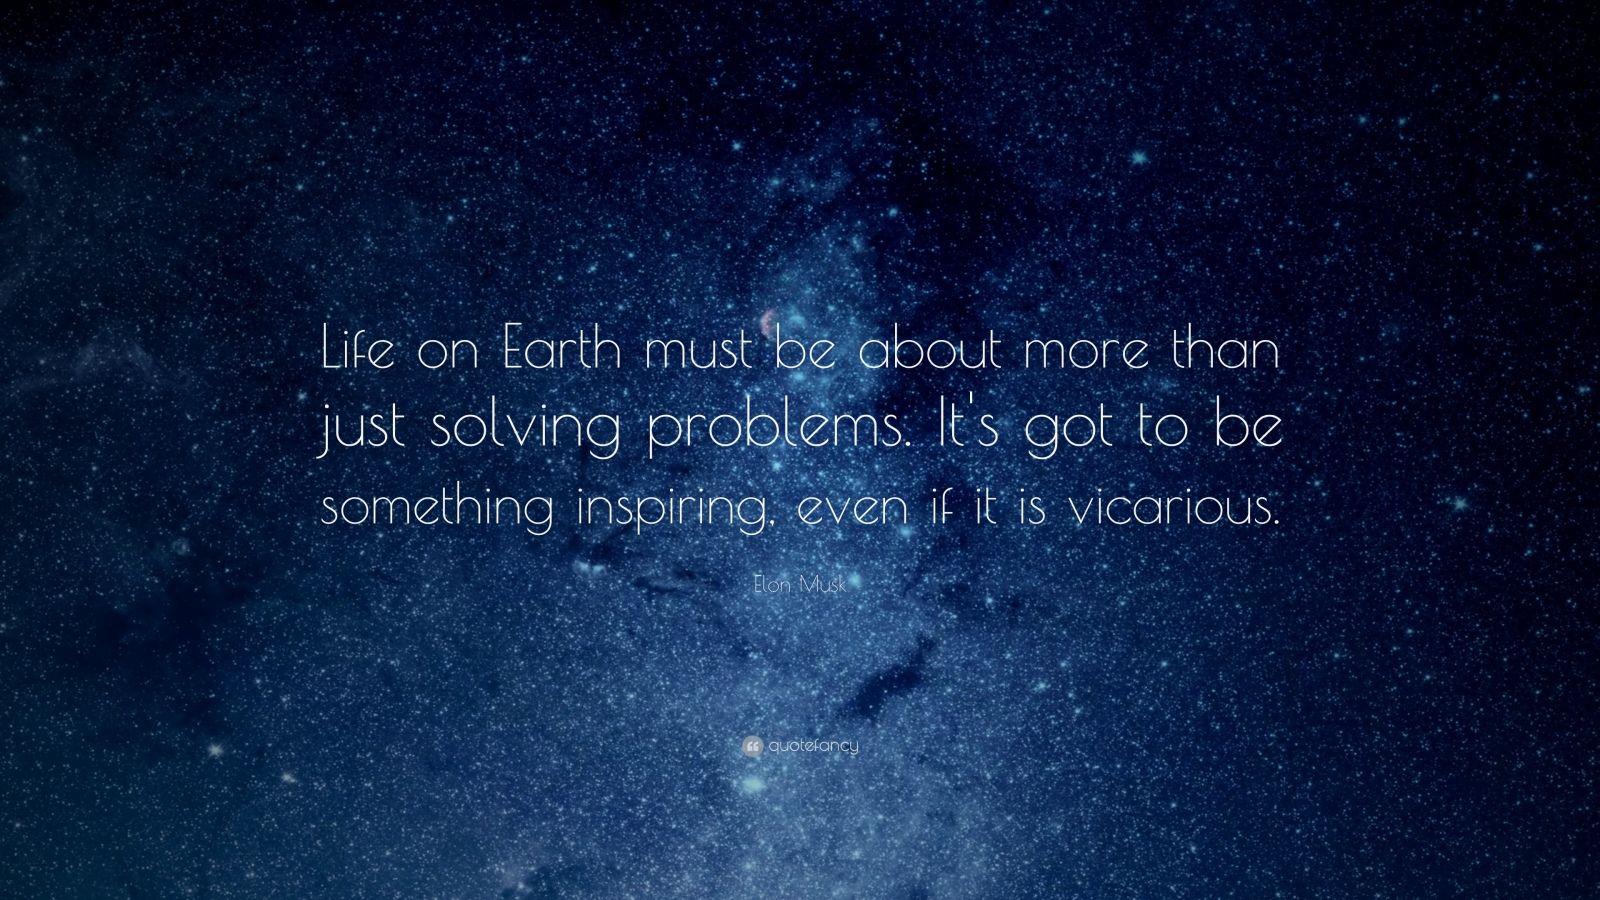 Warren Buffett Quotes Iphone Wallpaper Elon Musk Quotes 46 Wallpapers Quotefancy